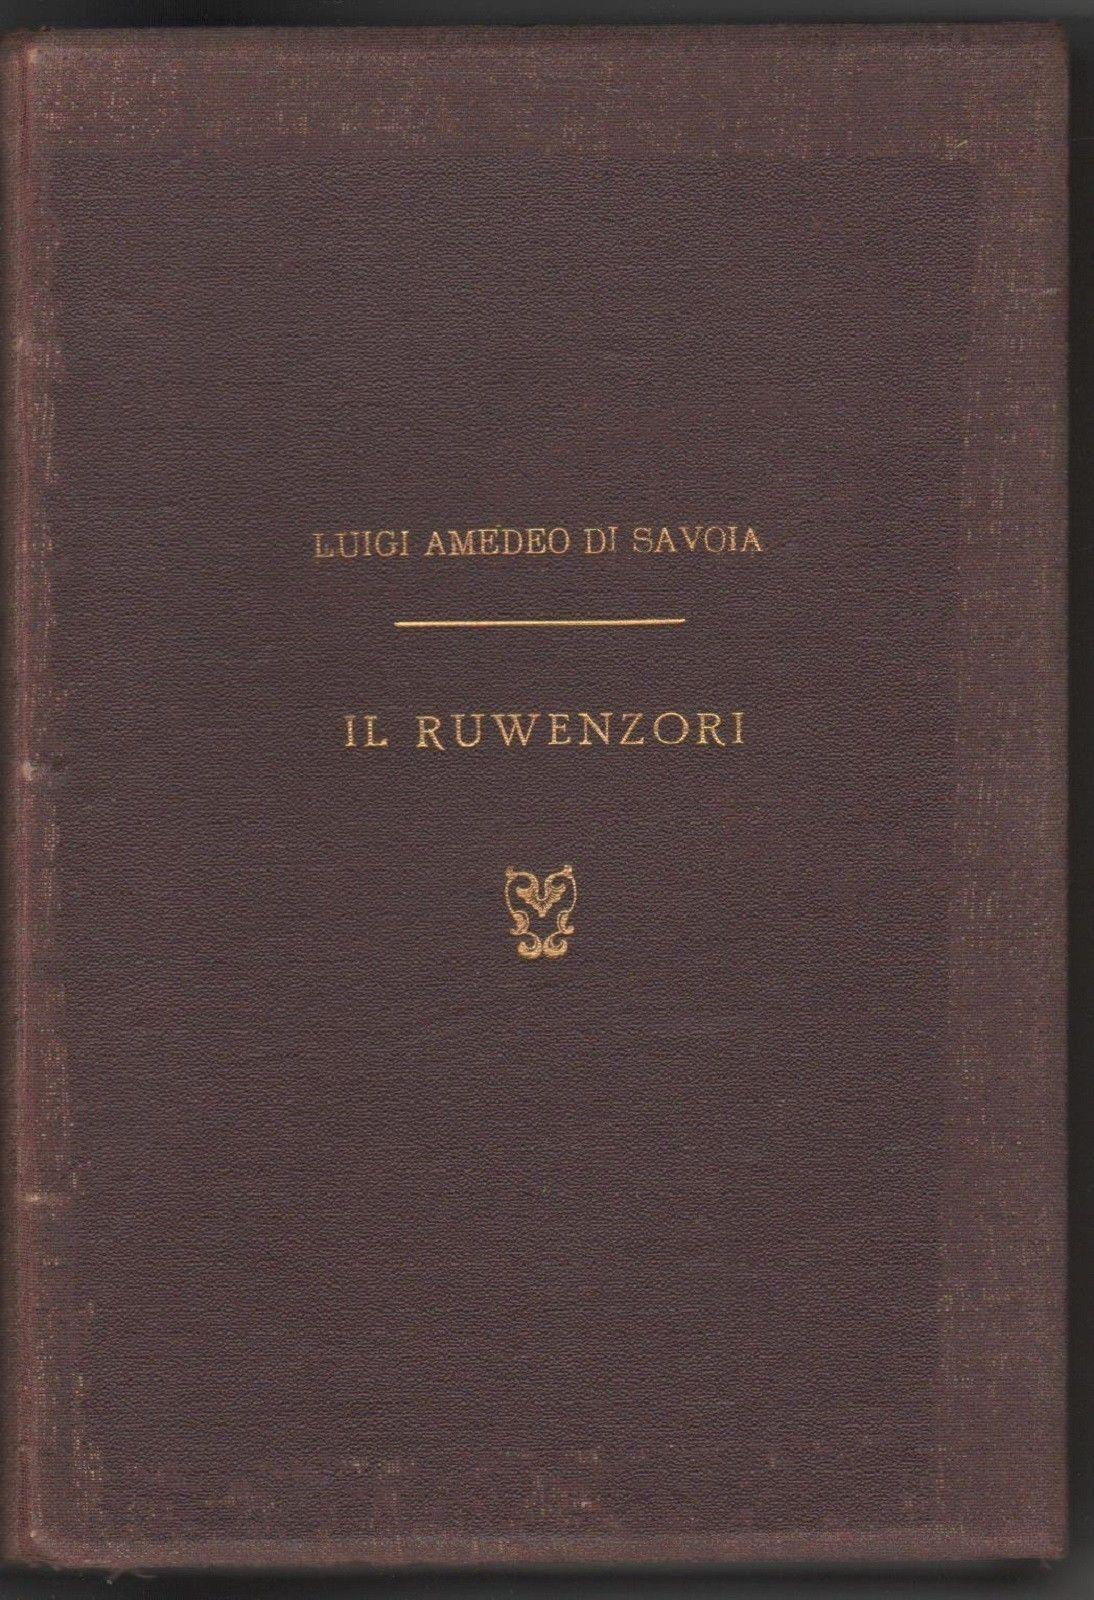 Ruwenzori Savoia